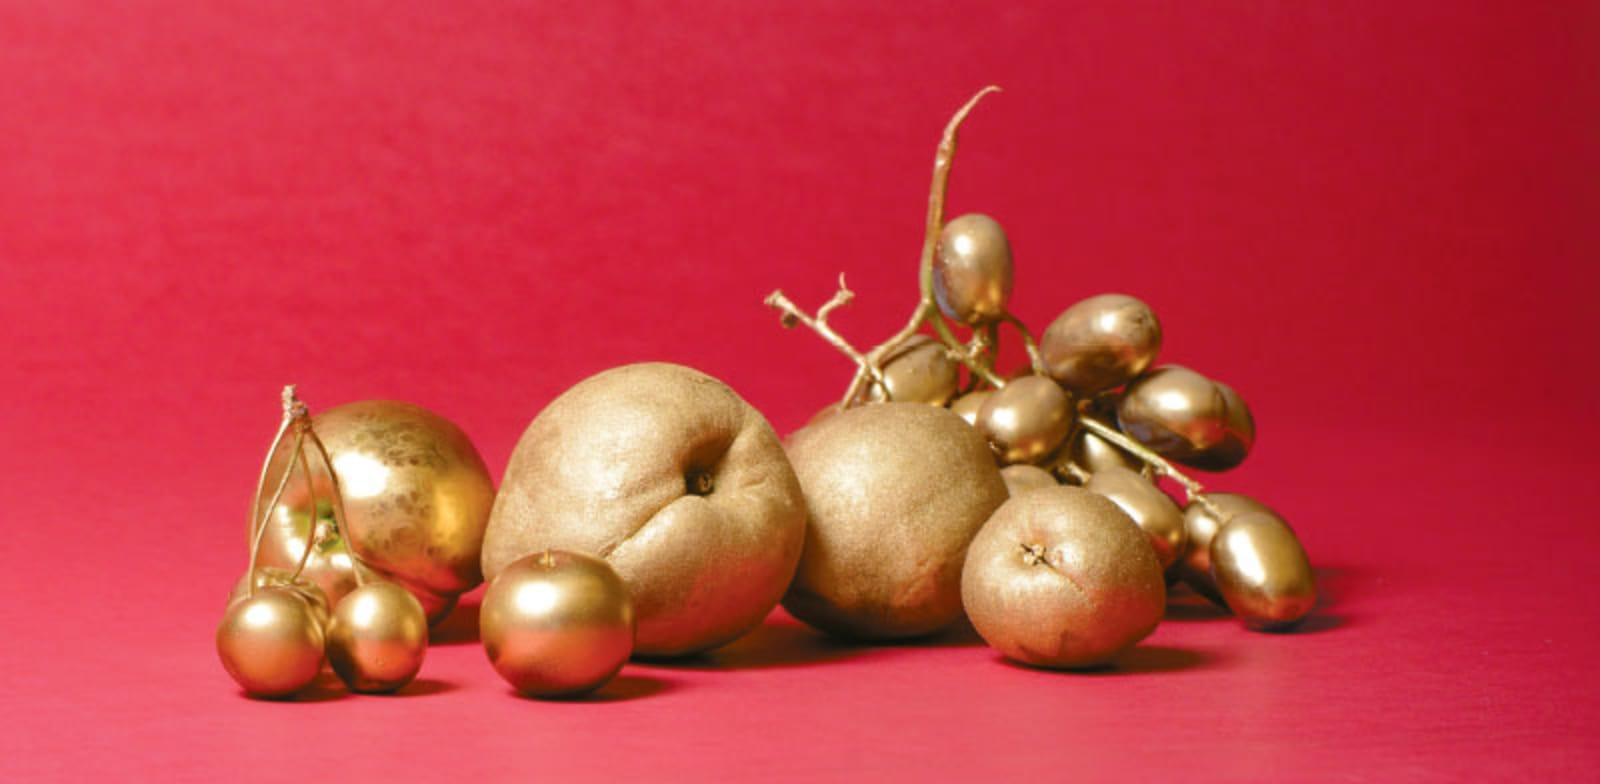 כך הפכו פירות הקיץ לזהב החדש / צילום: איל יצהר